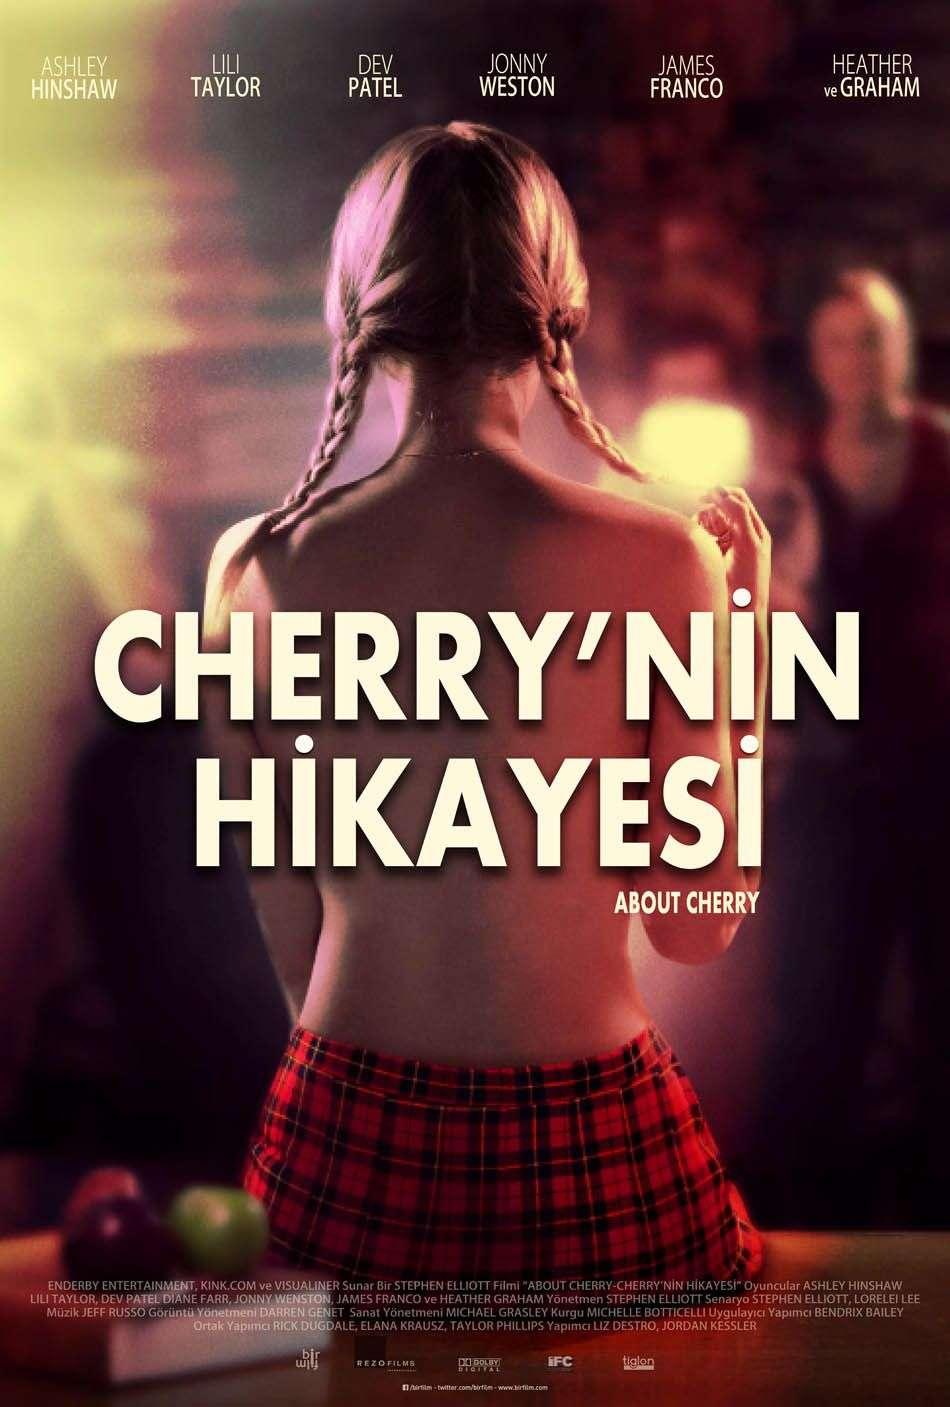 Cherry'nin Hikayesi - 2012 Türkçe Dublaj 480p BRRip Tek Link indir